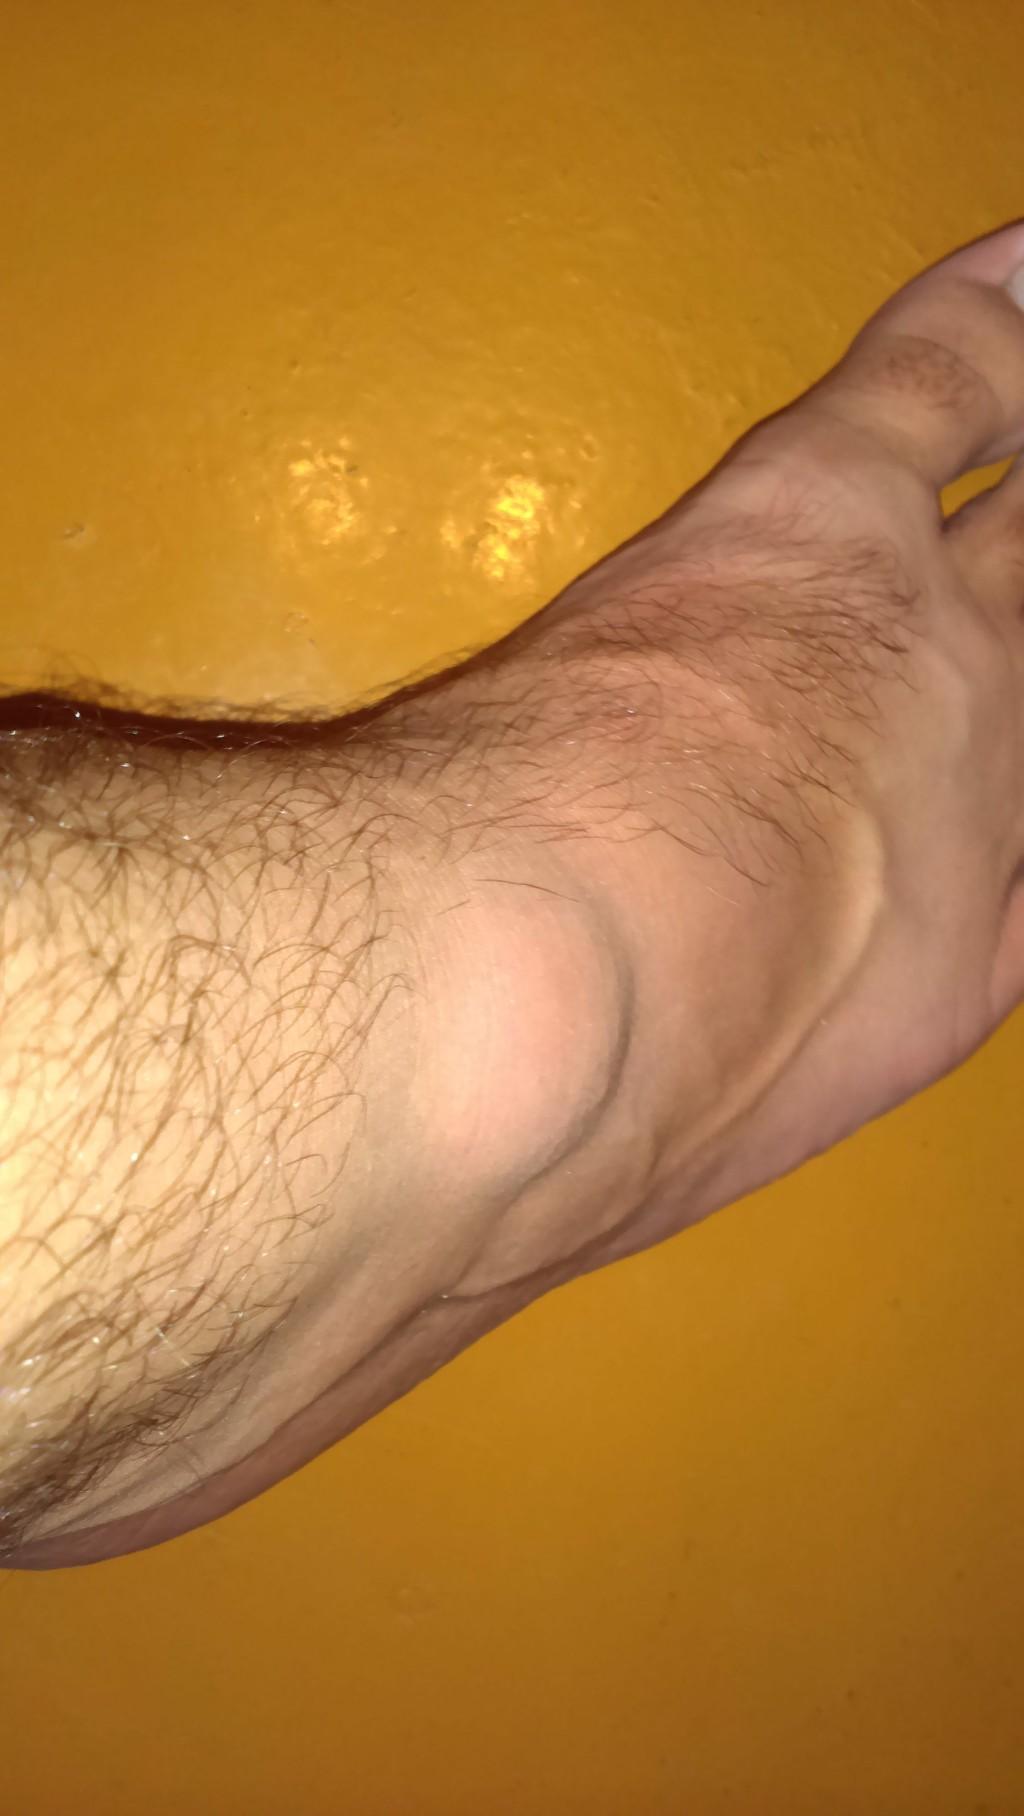 Появилась шишка на ноге возле косточки